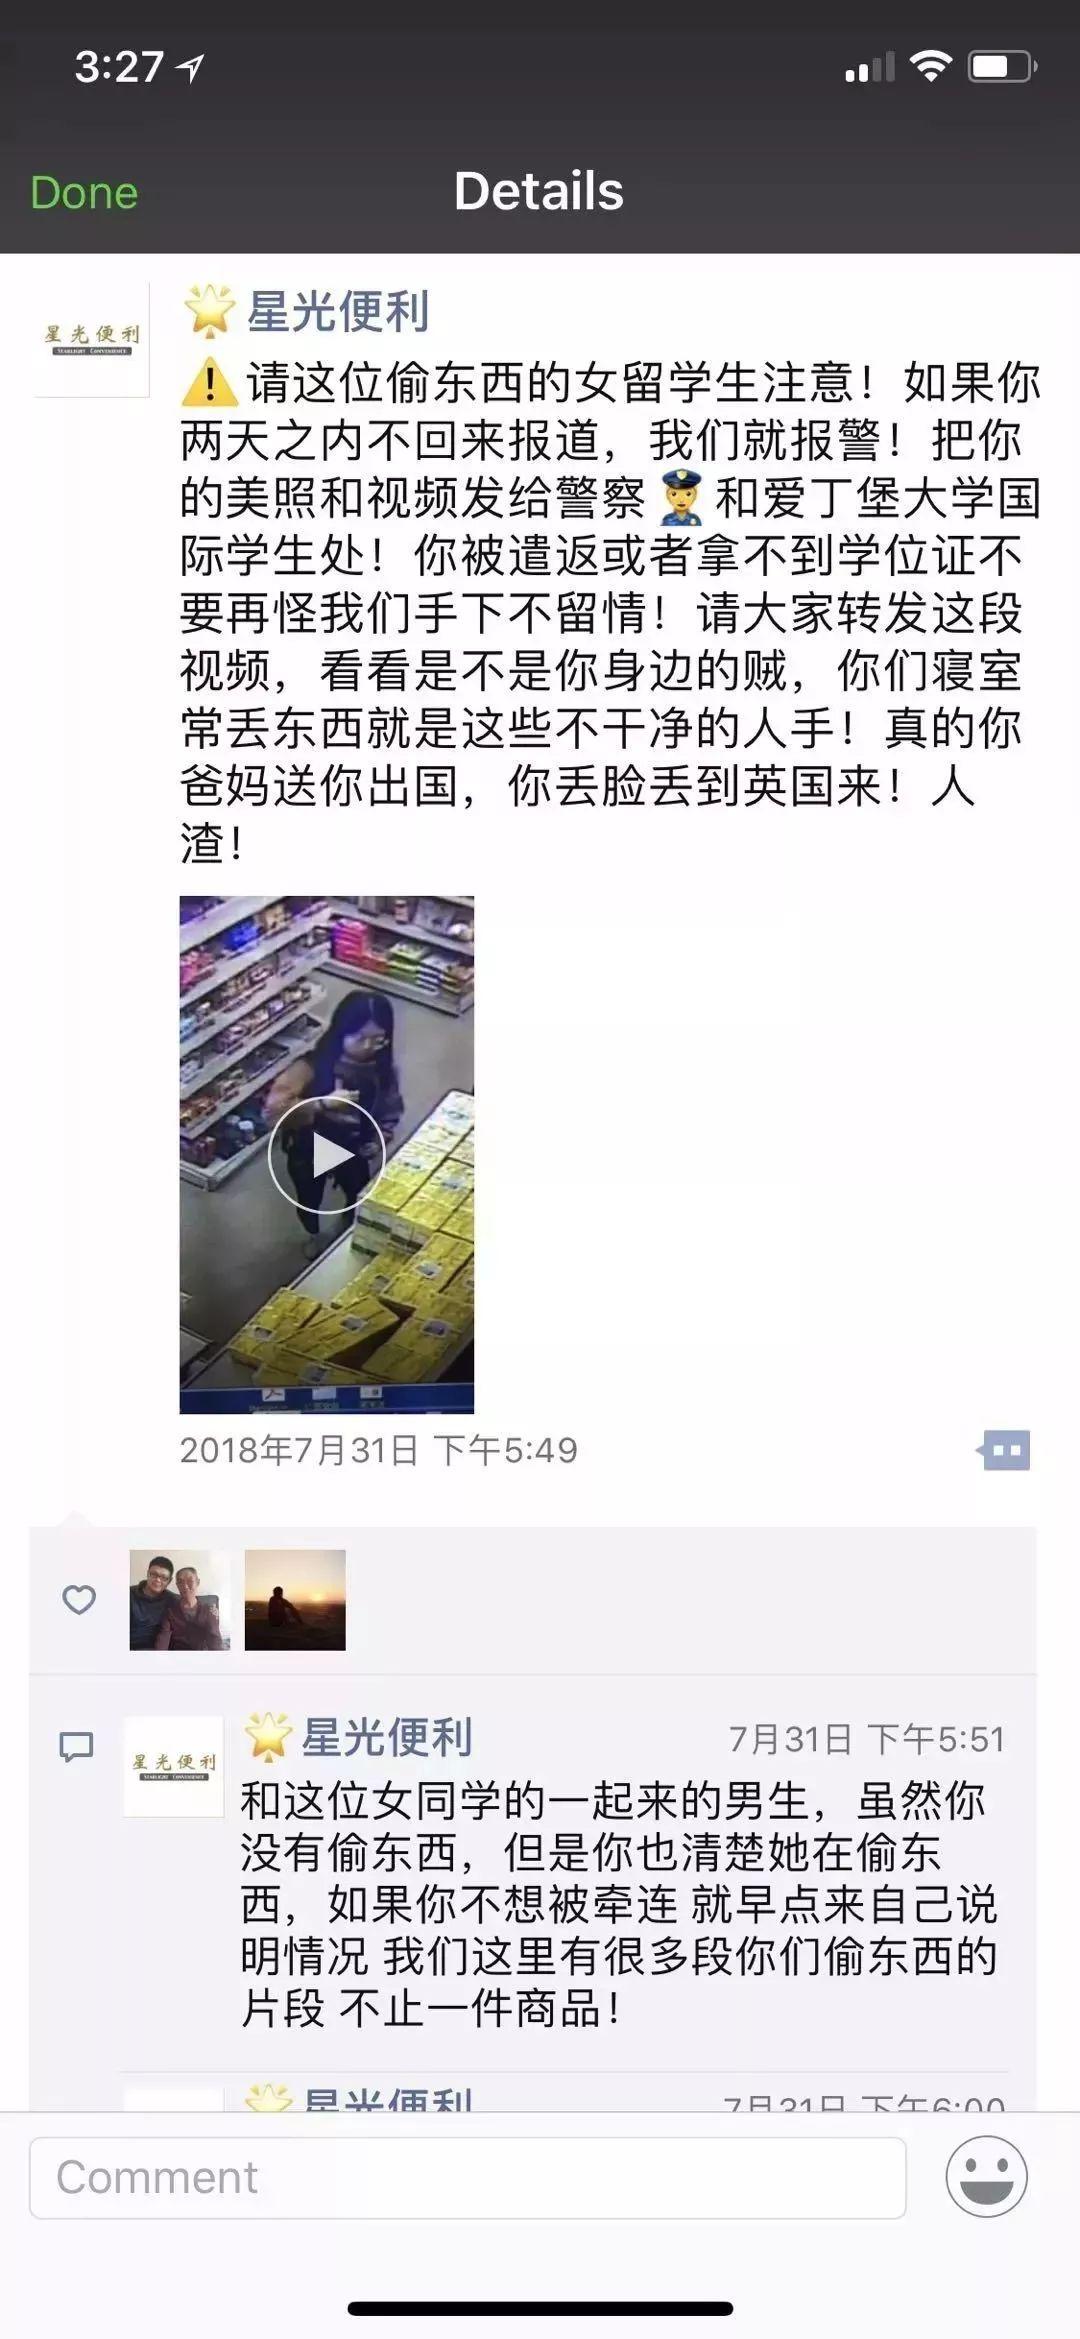 北大女生华人超市偷窃被抓 称就是想偷